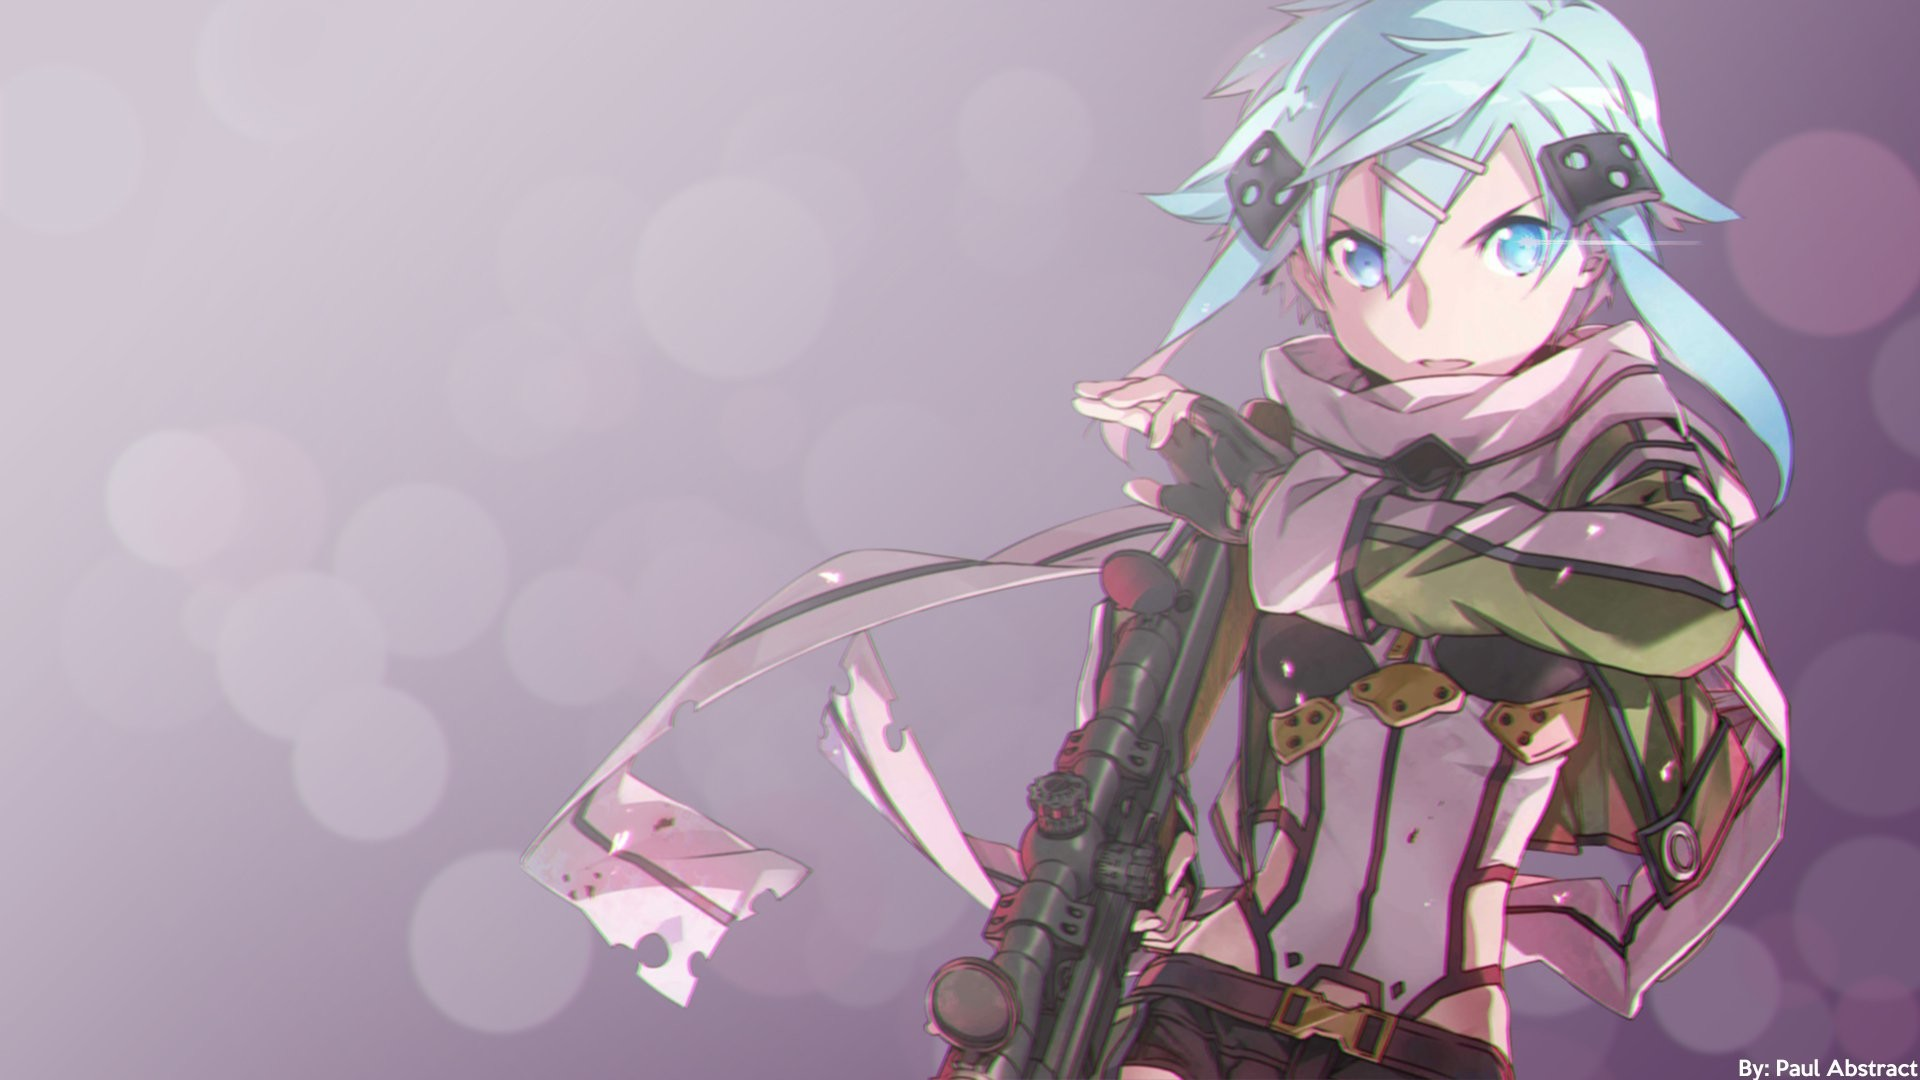 Anime Sword Art Online Ii Sinon Sword Art Online Wallpaper